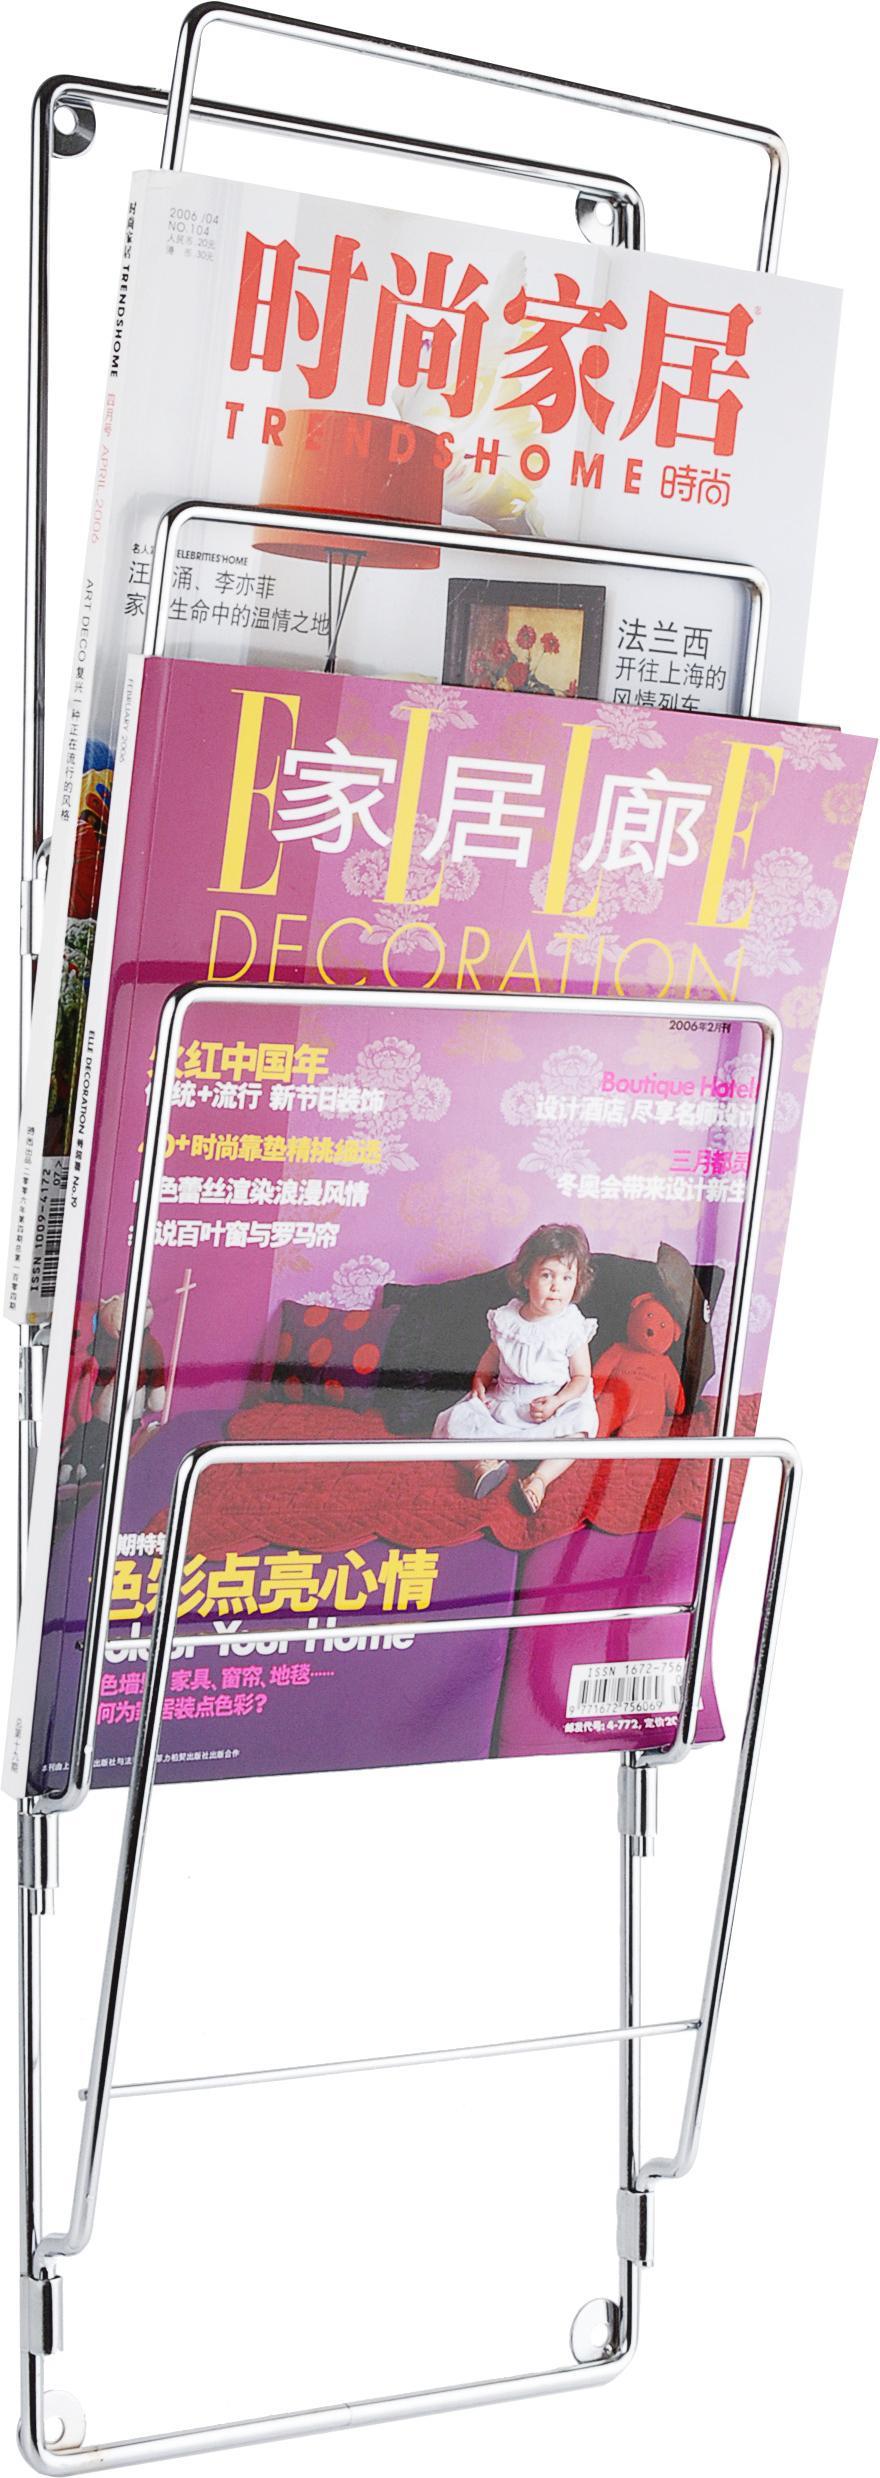 zeitschriftenst nder chrom present time kaufen wohn und lifestylewebshop. Black Bedroom Furniture Sets. Home Design Ideas